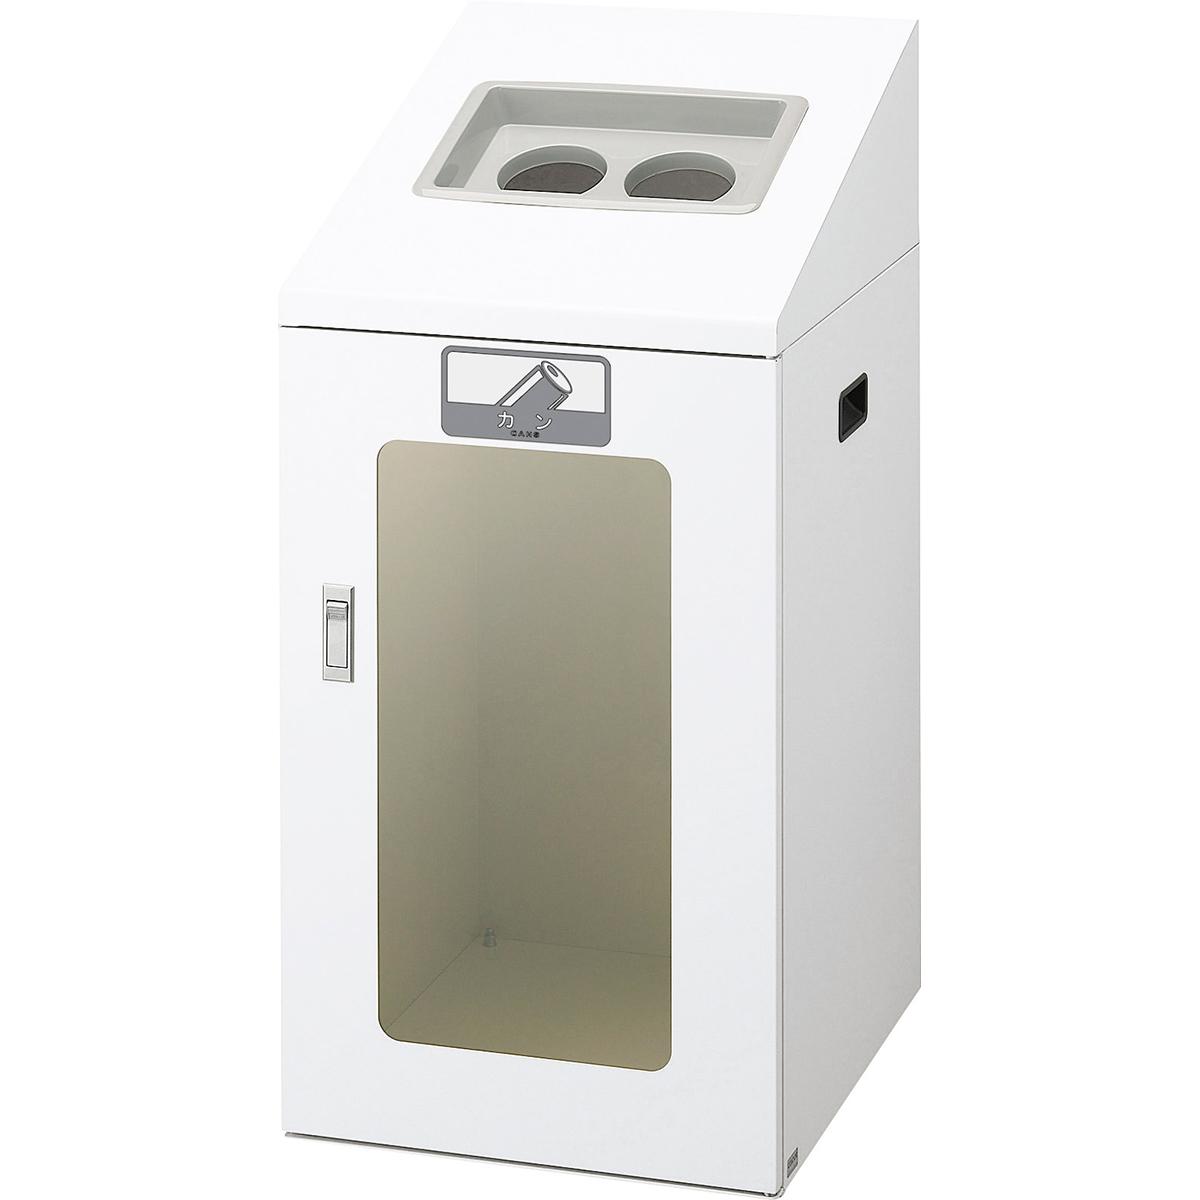 山崎産業 リサイクルボックス TIS-90 120L あき缶/GR(灰) (代引不可) YW-369L-ID